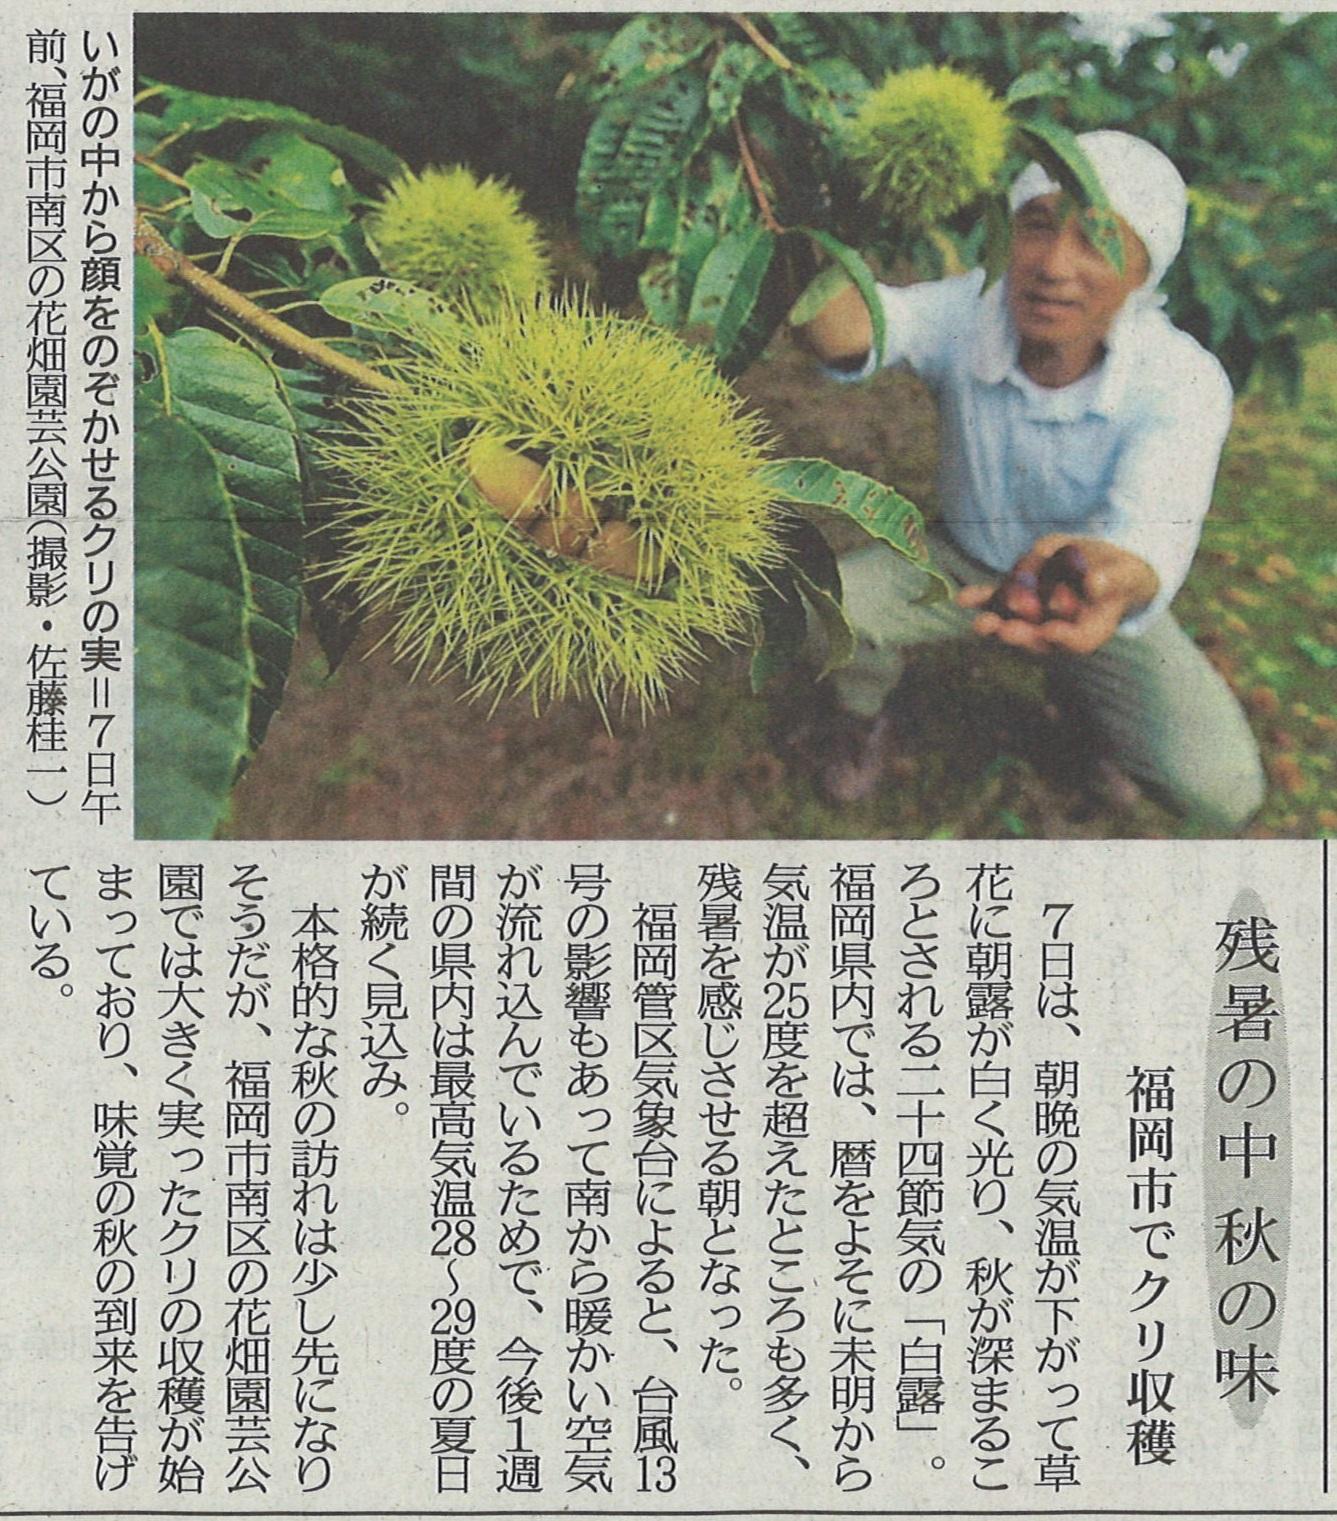 西日本新聞社 9月7日夕刊